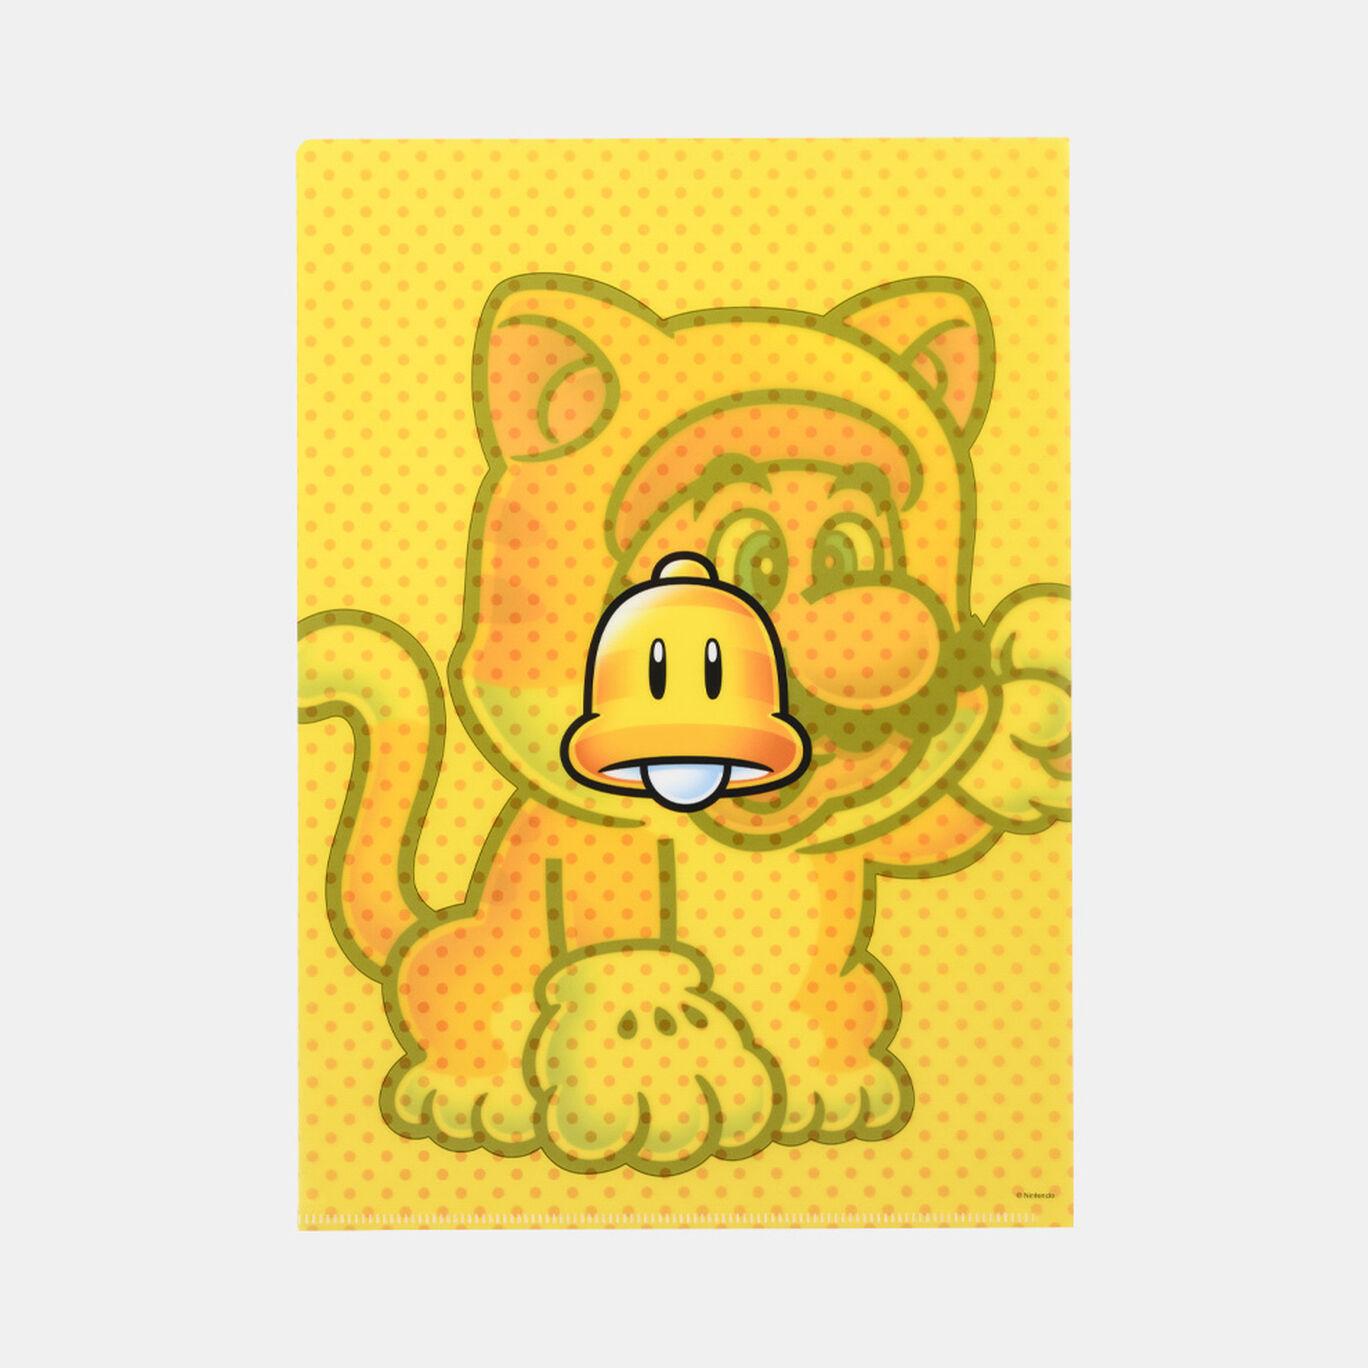 クリアファイル スーパーマリオ パワーアップ E【Nintendo TOKYO取り扱い商品】